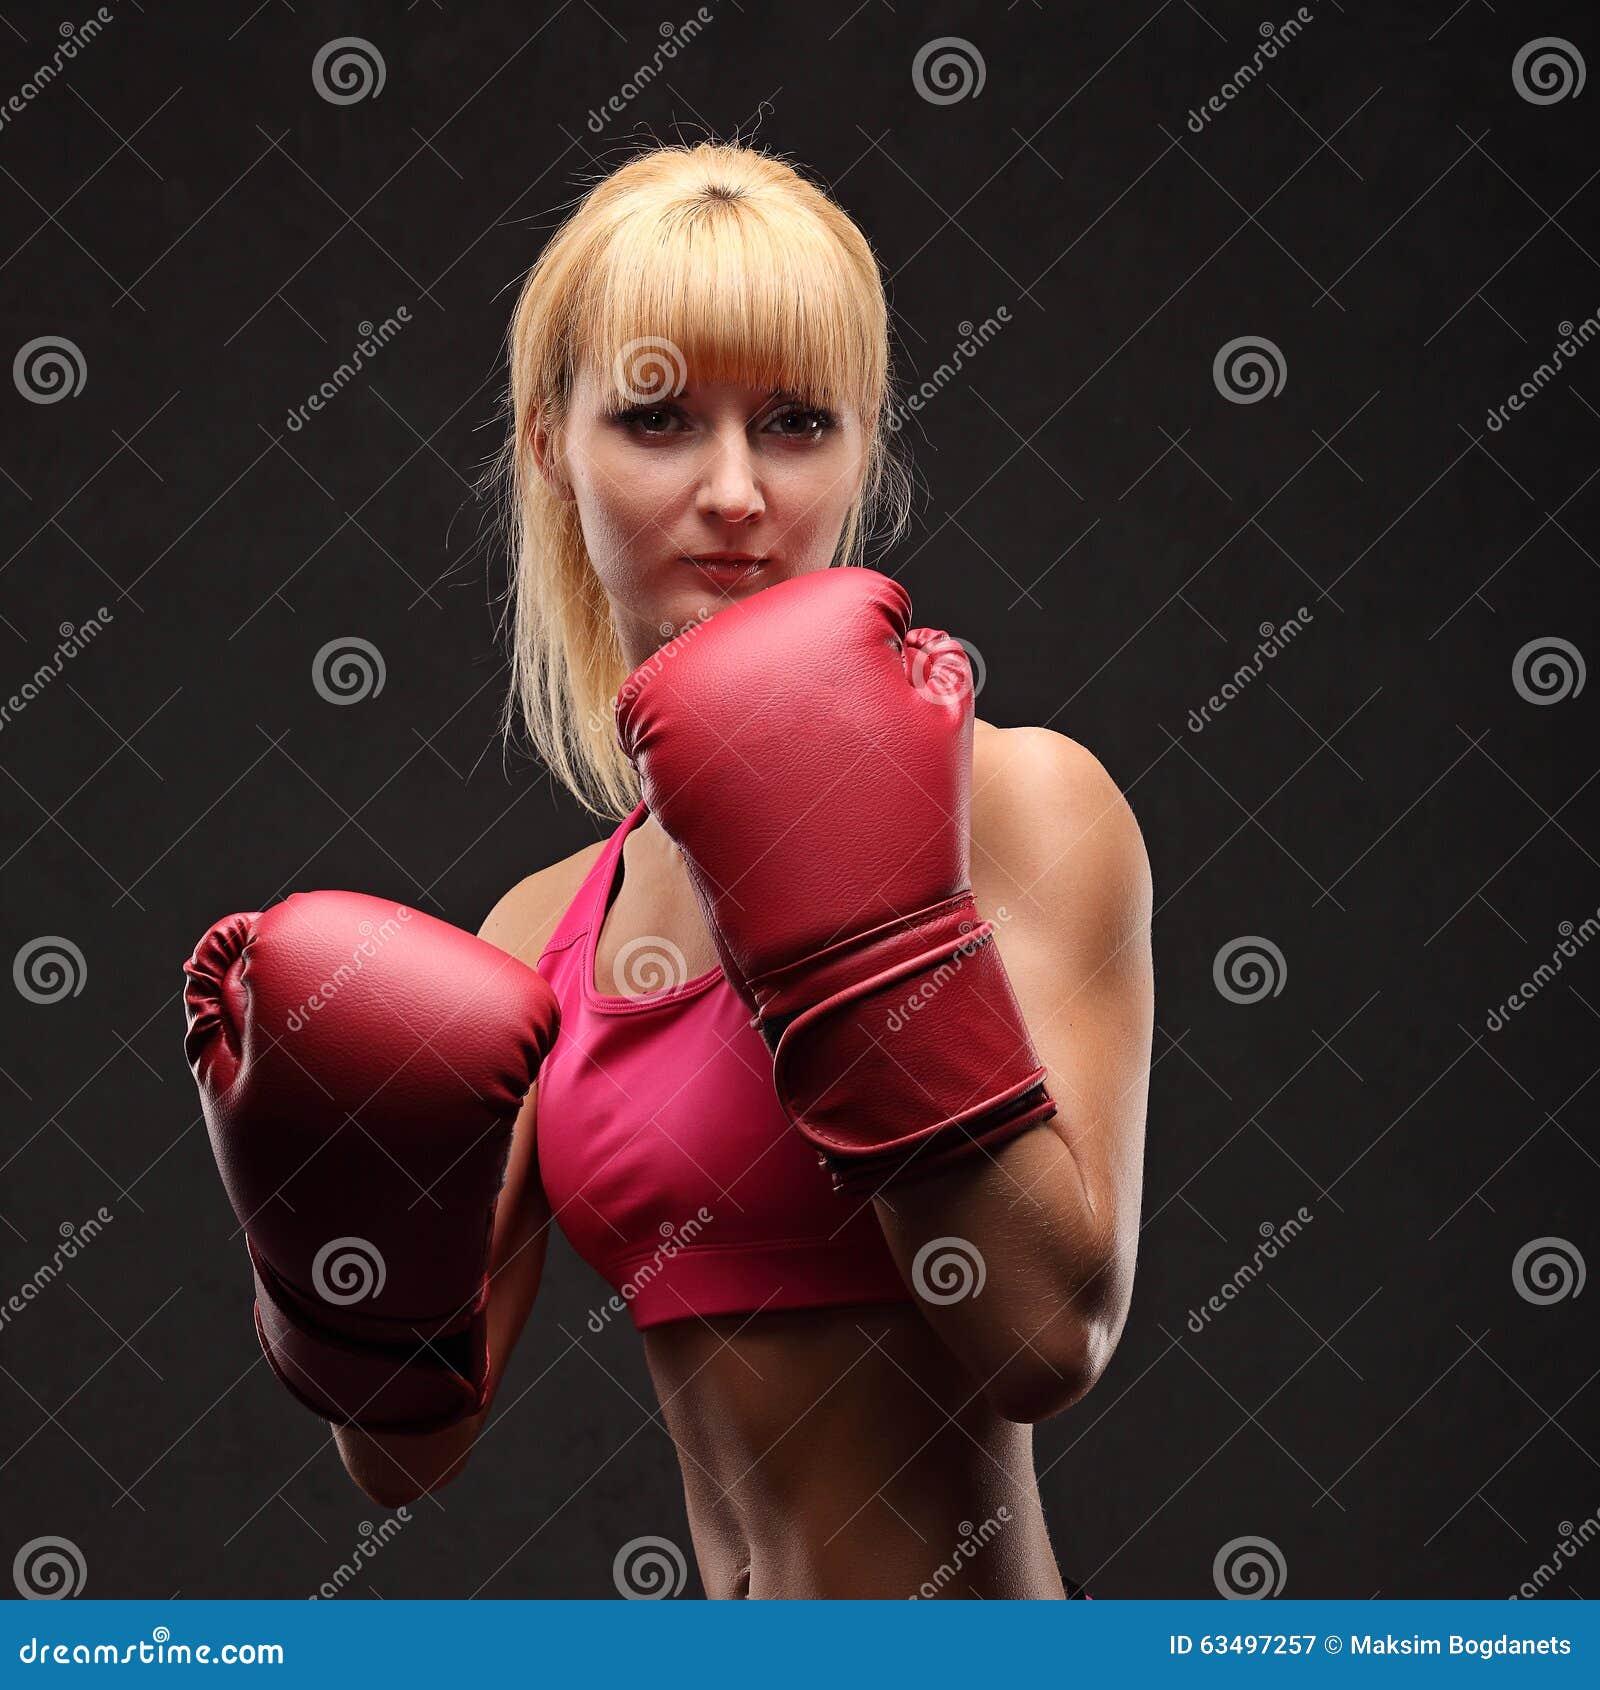 соседи все девушка в боксерских перчатках с большой грудью все началось, когда